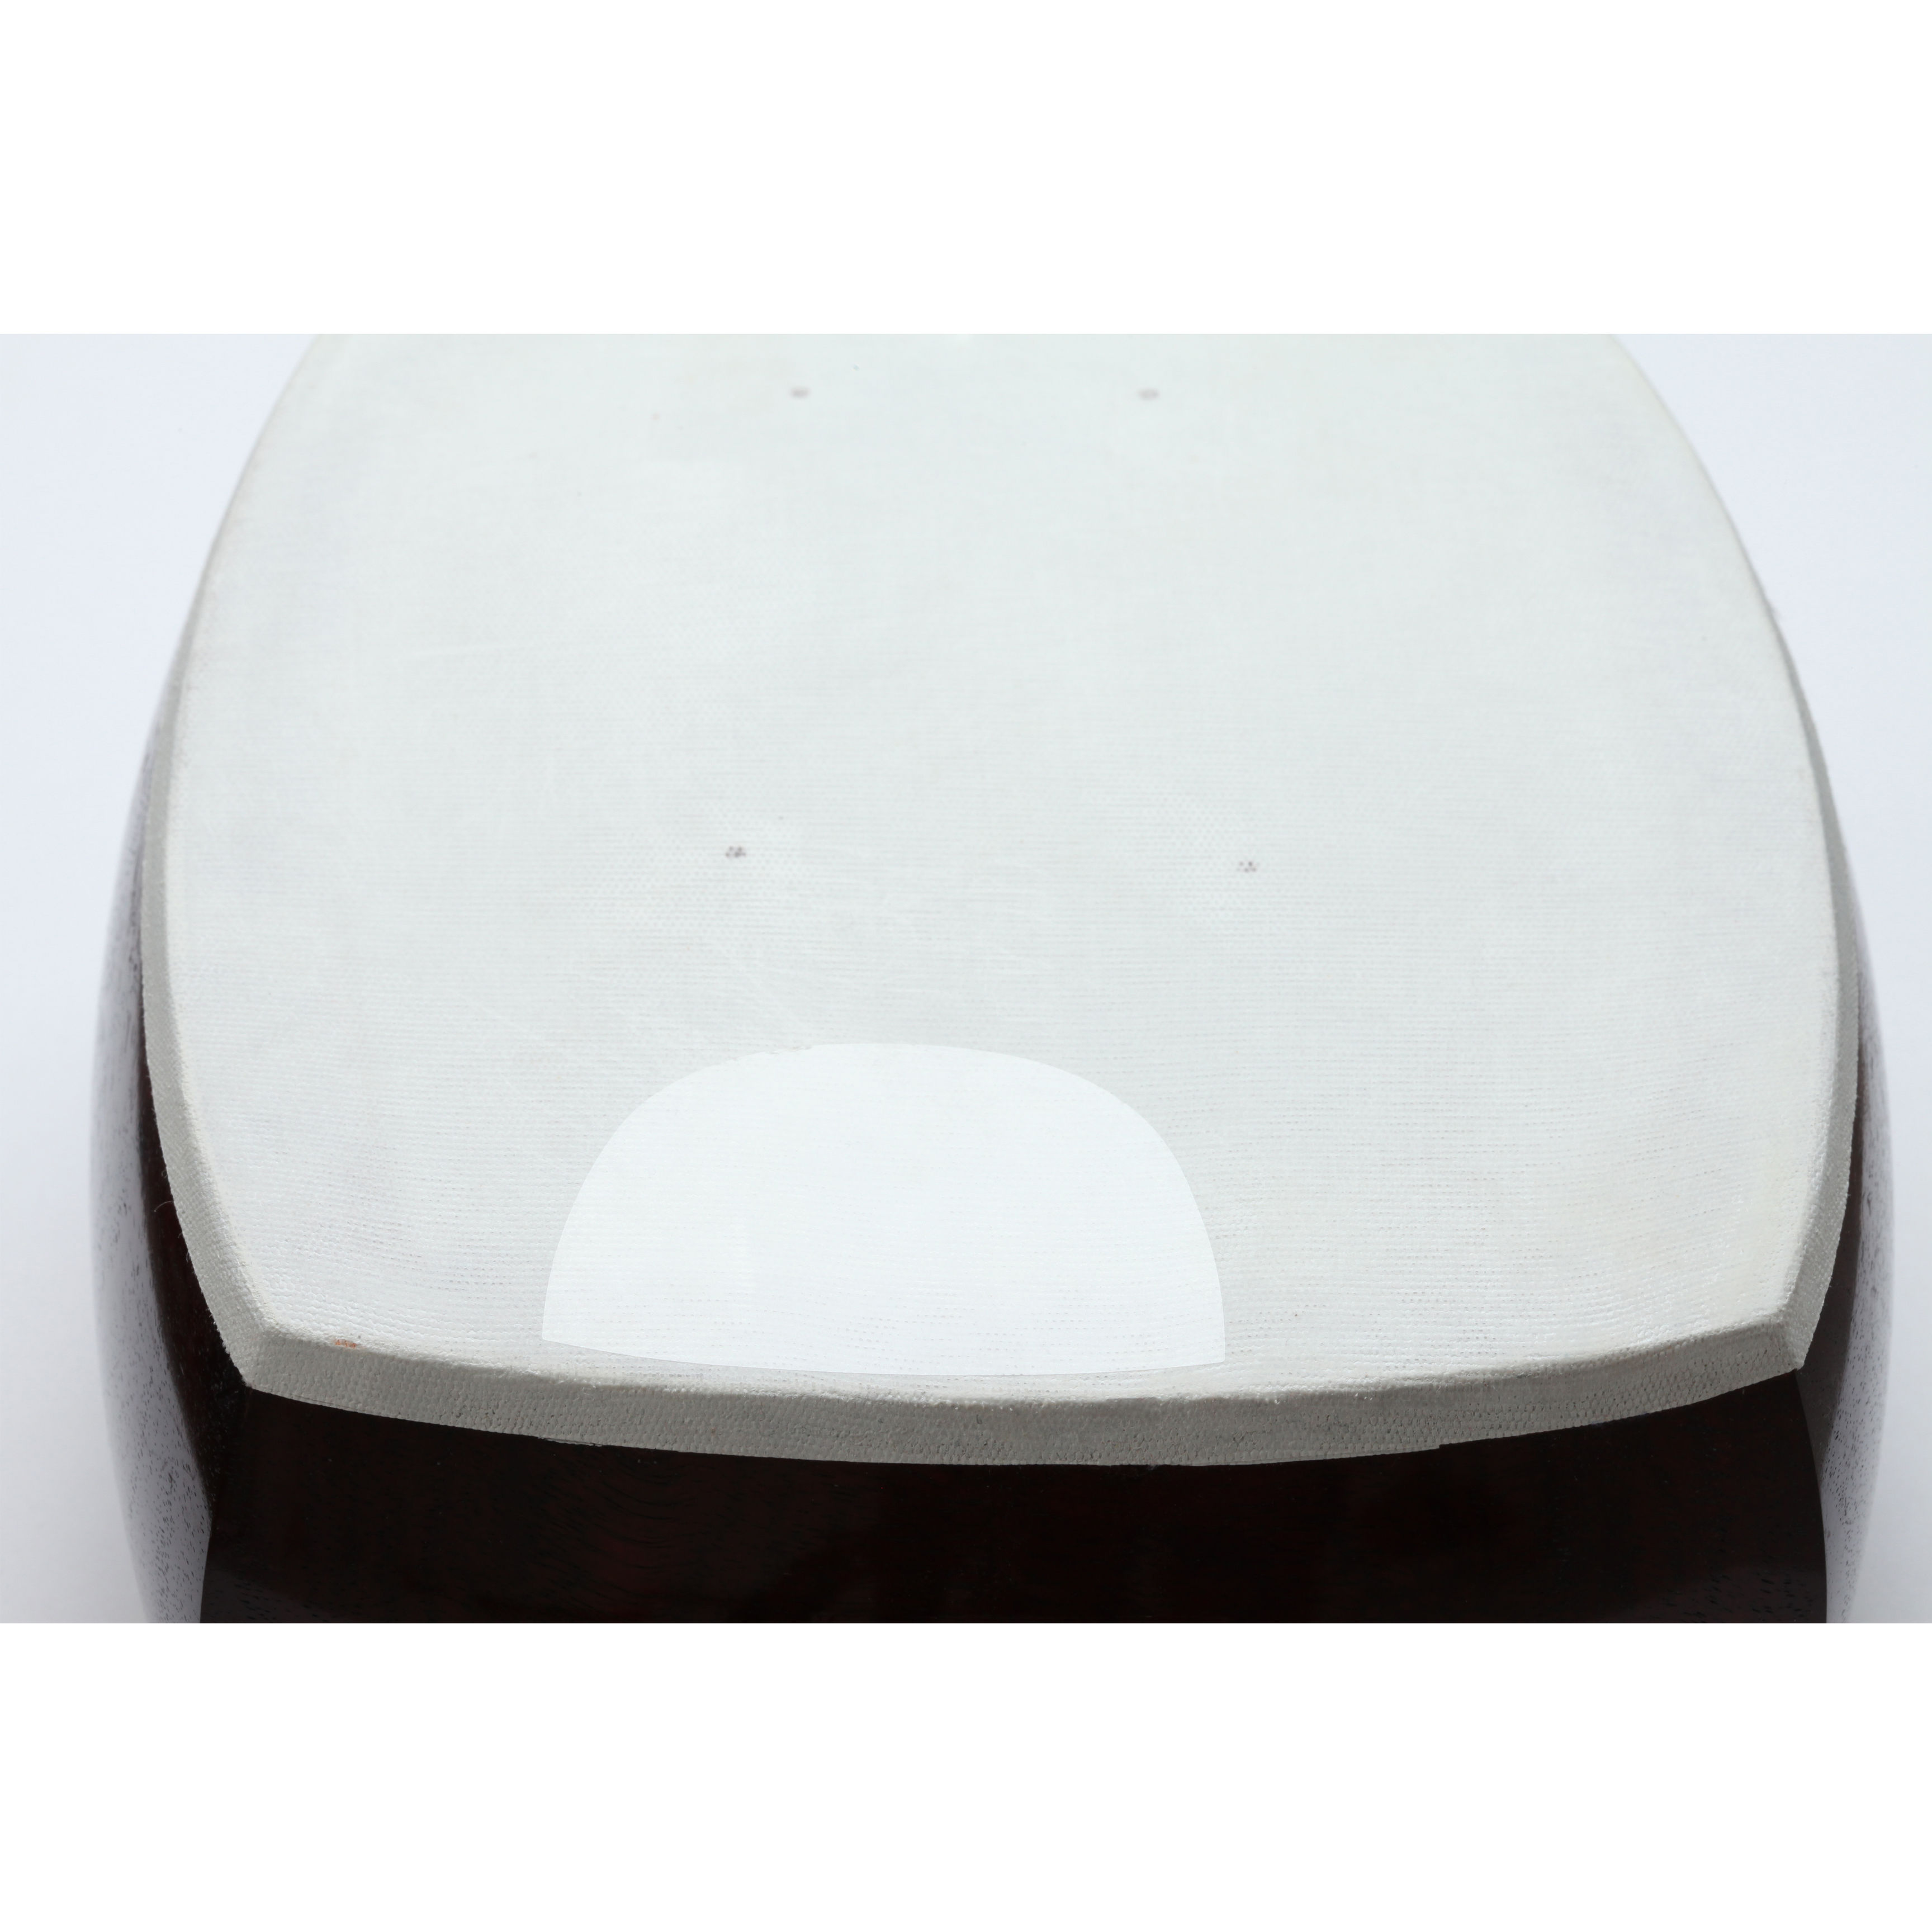 [29082]【長唄】ウラ 一般用三味線人工皮リプル張り替え